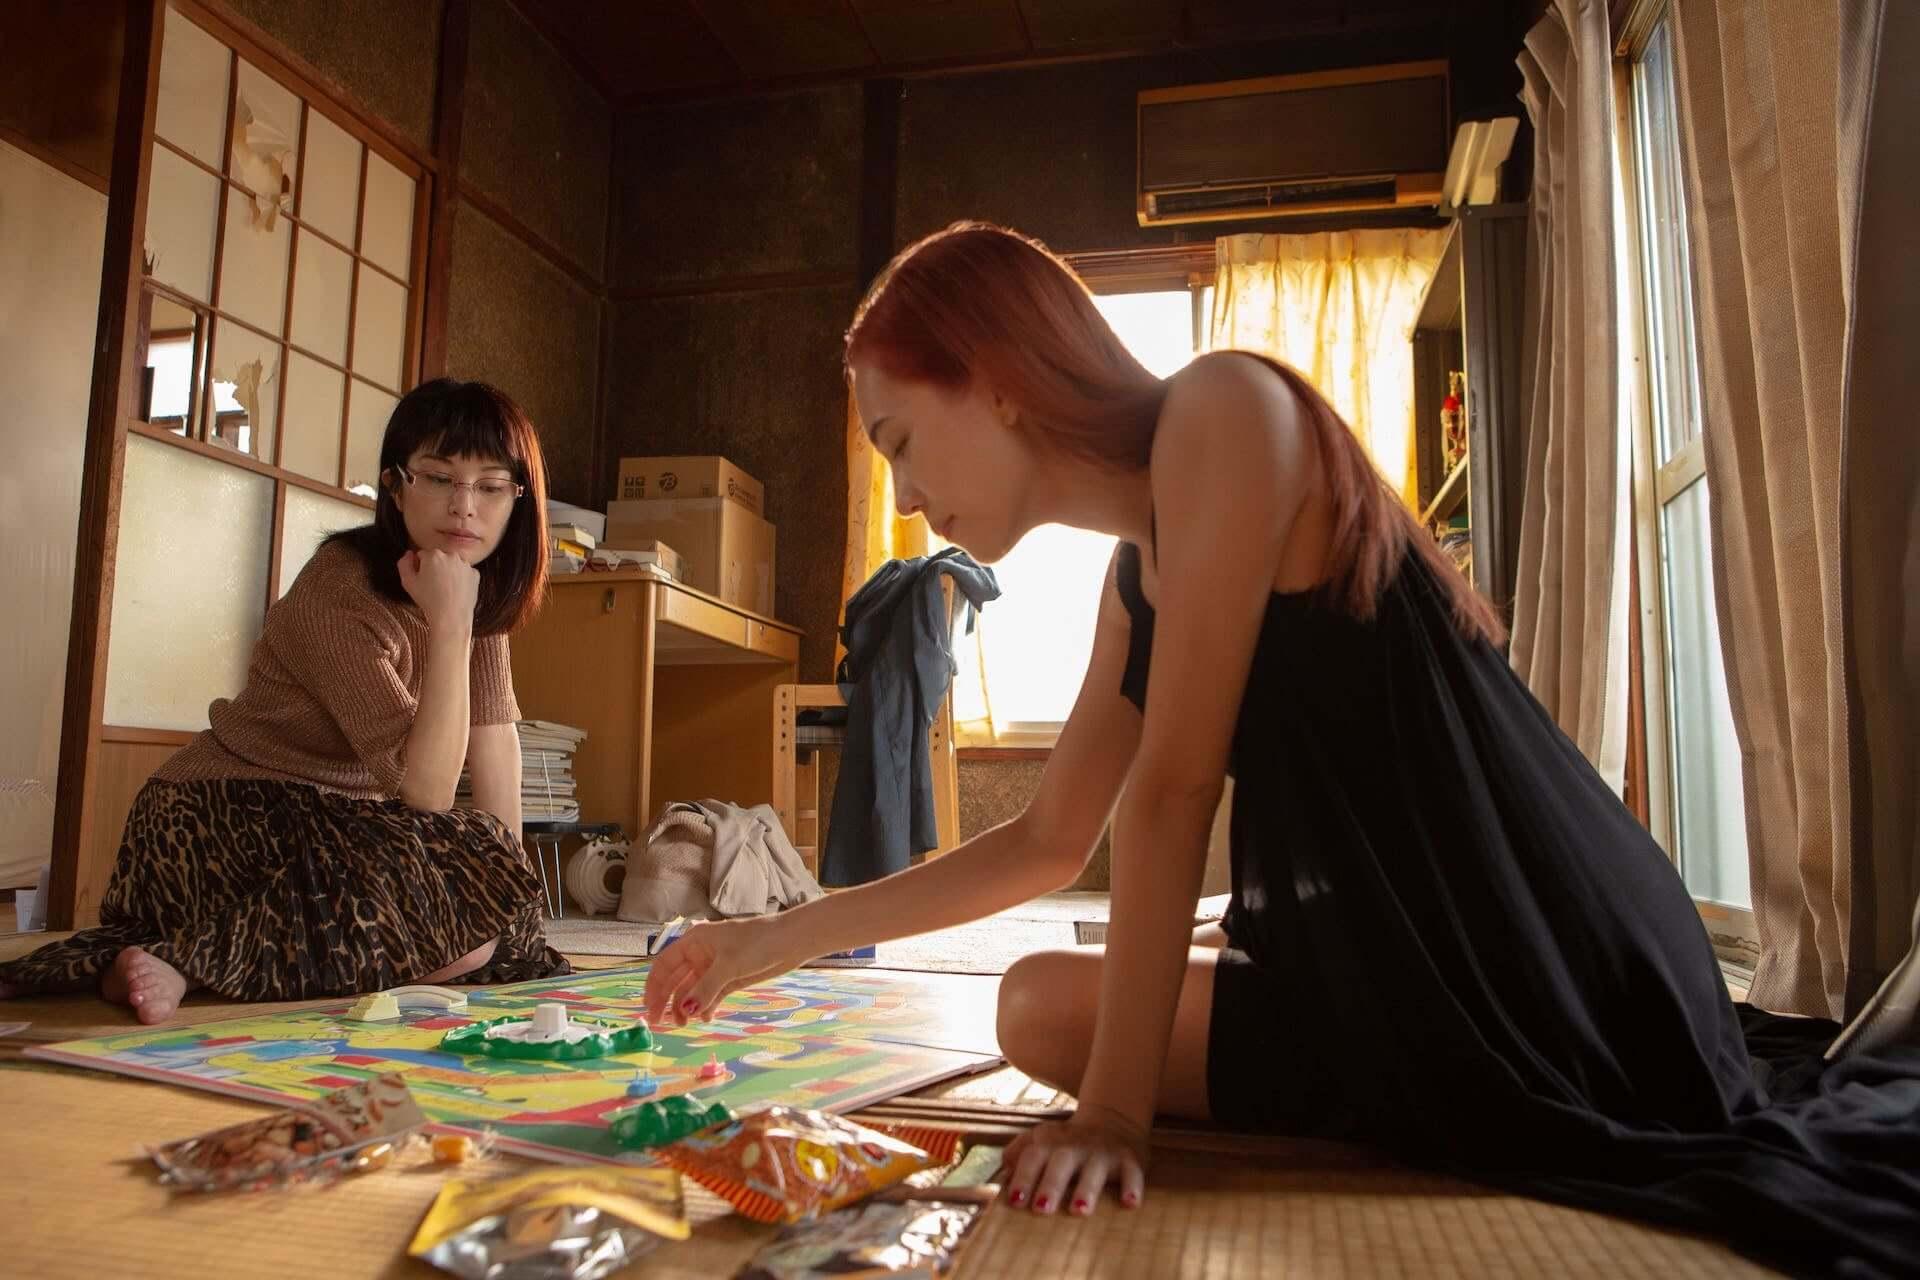 水原希子とさとうほなみ演じる2人の愛の行方とは…Netflix映画『彼女』のティーザー予告編&場面写真が解禁 film210224_netflix-kanojo_5-1920x1280